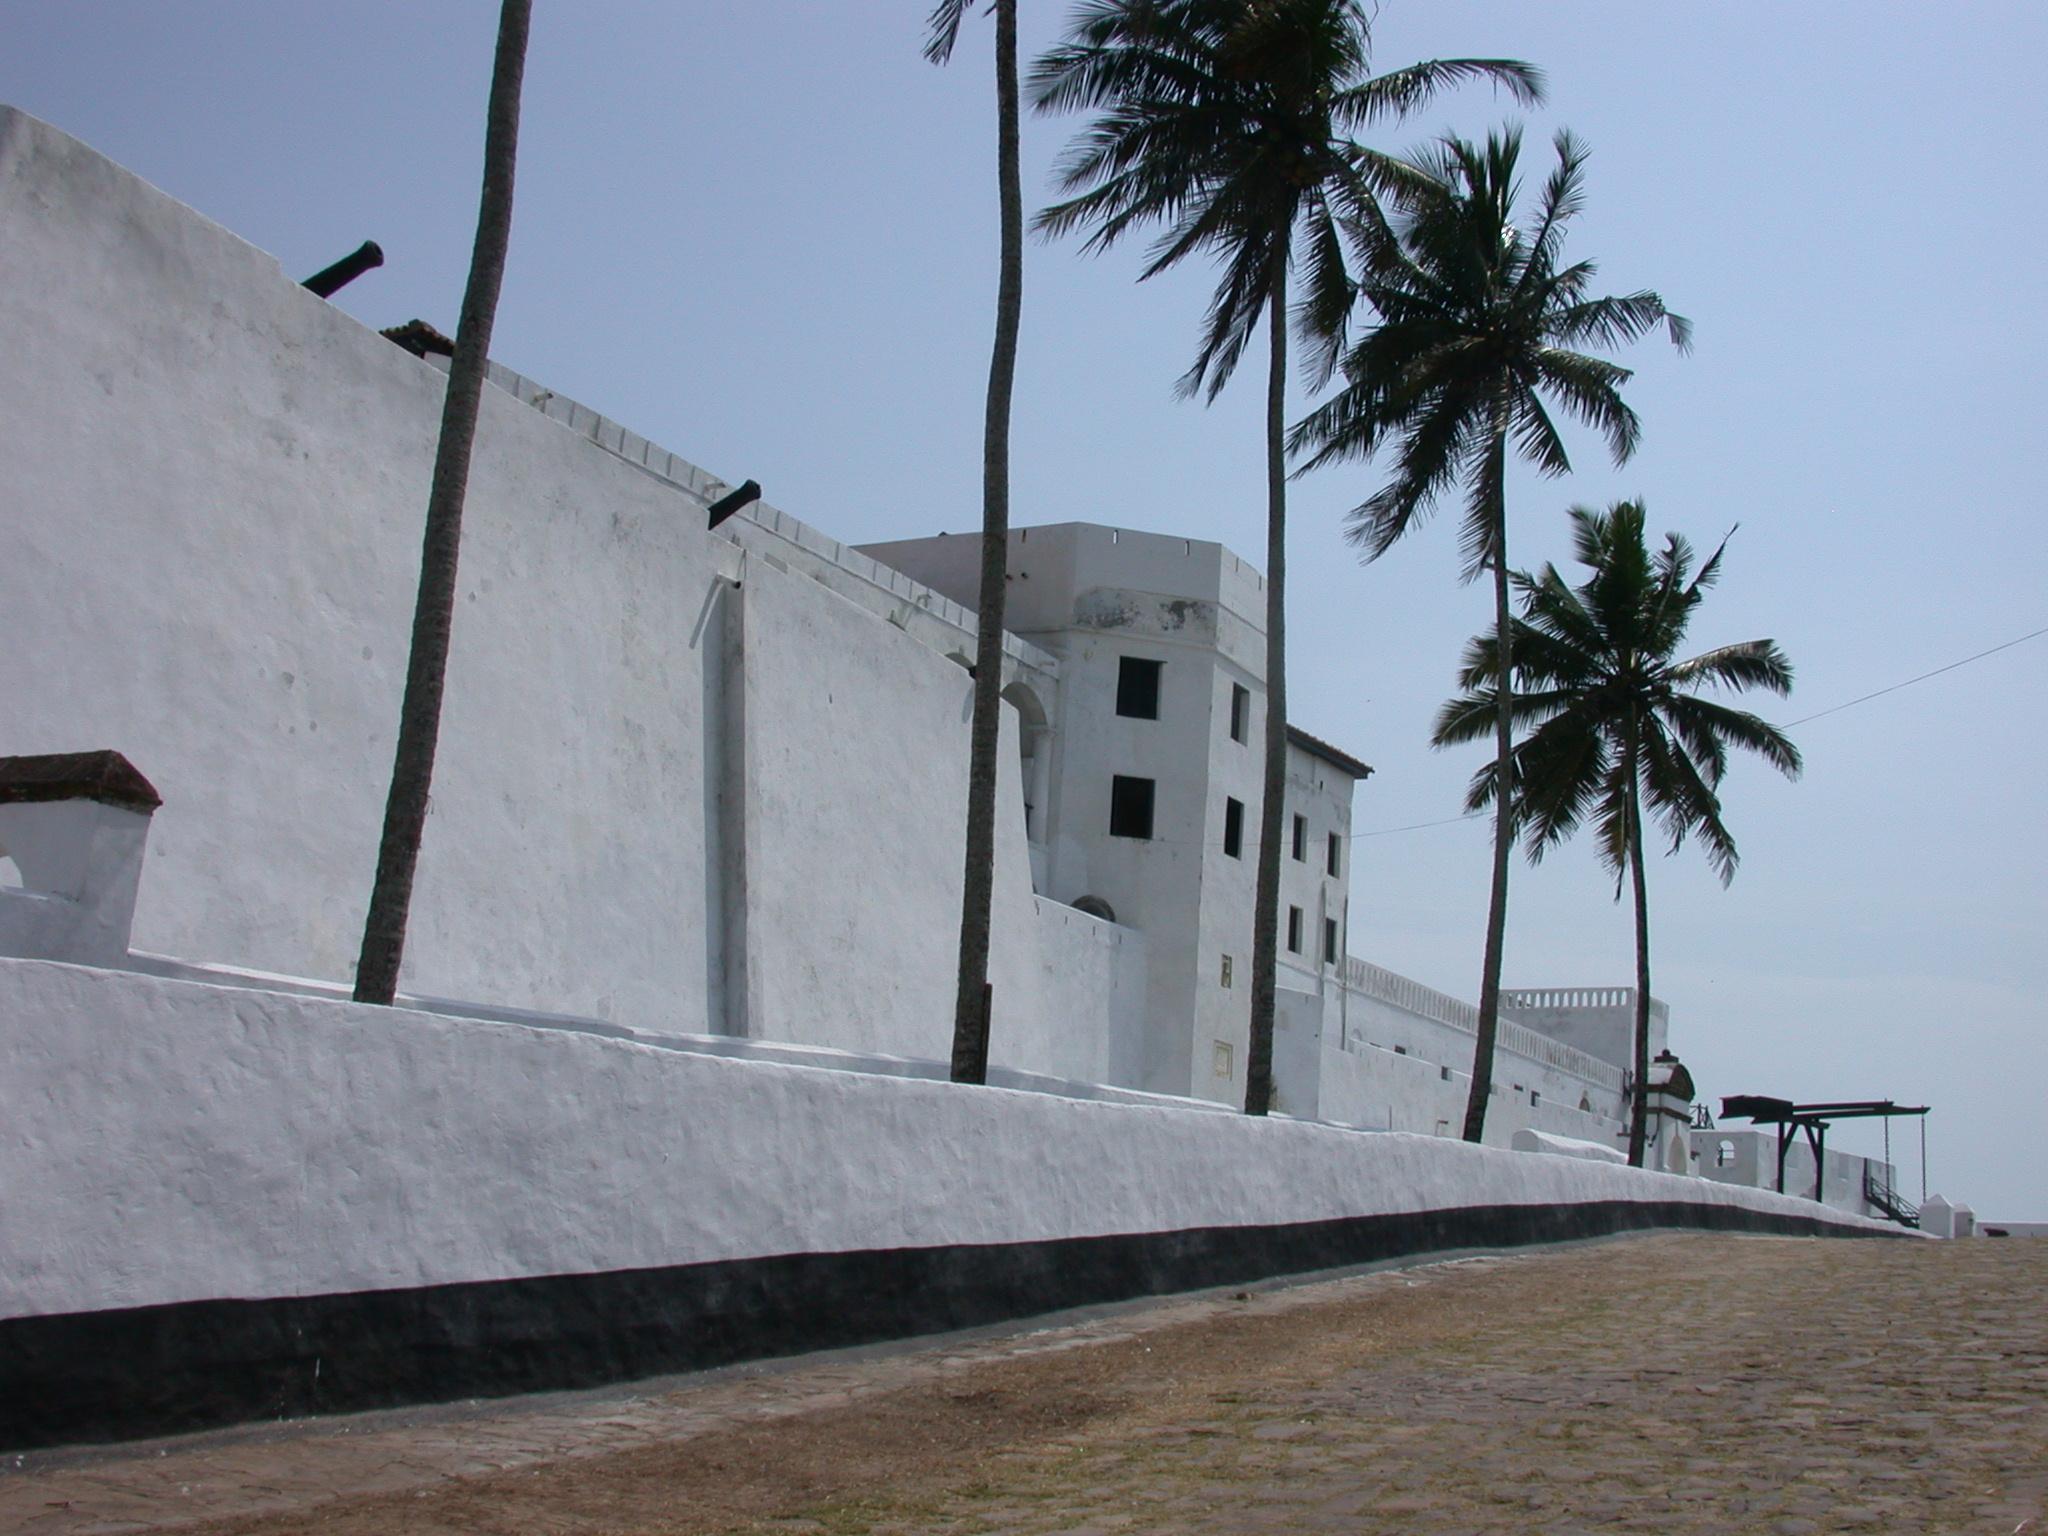 Approaching Elmina Slave Fort, Elmina, Ghana